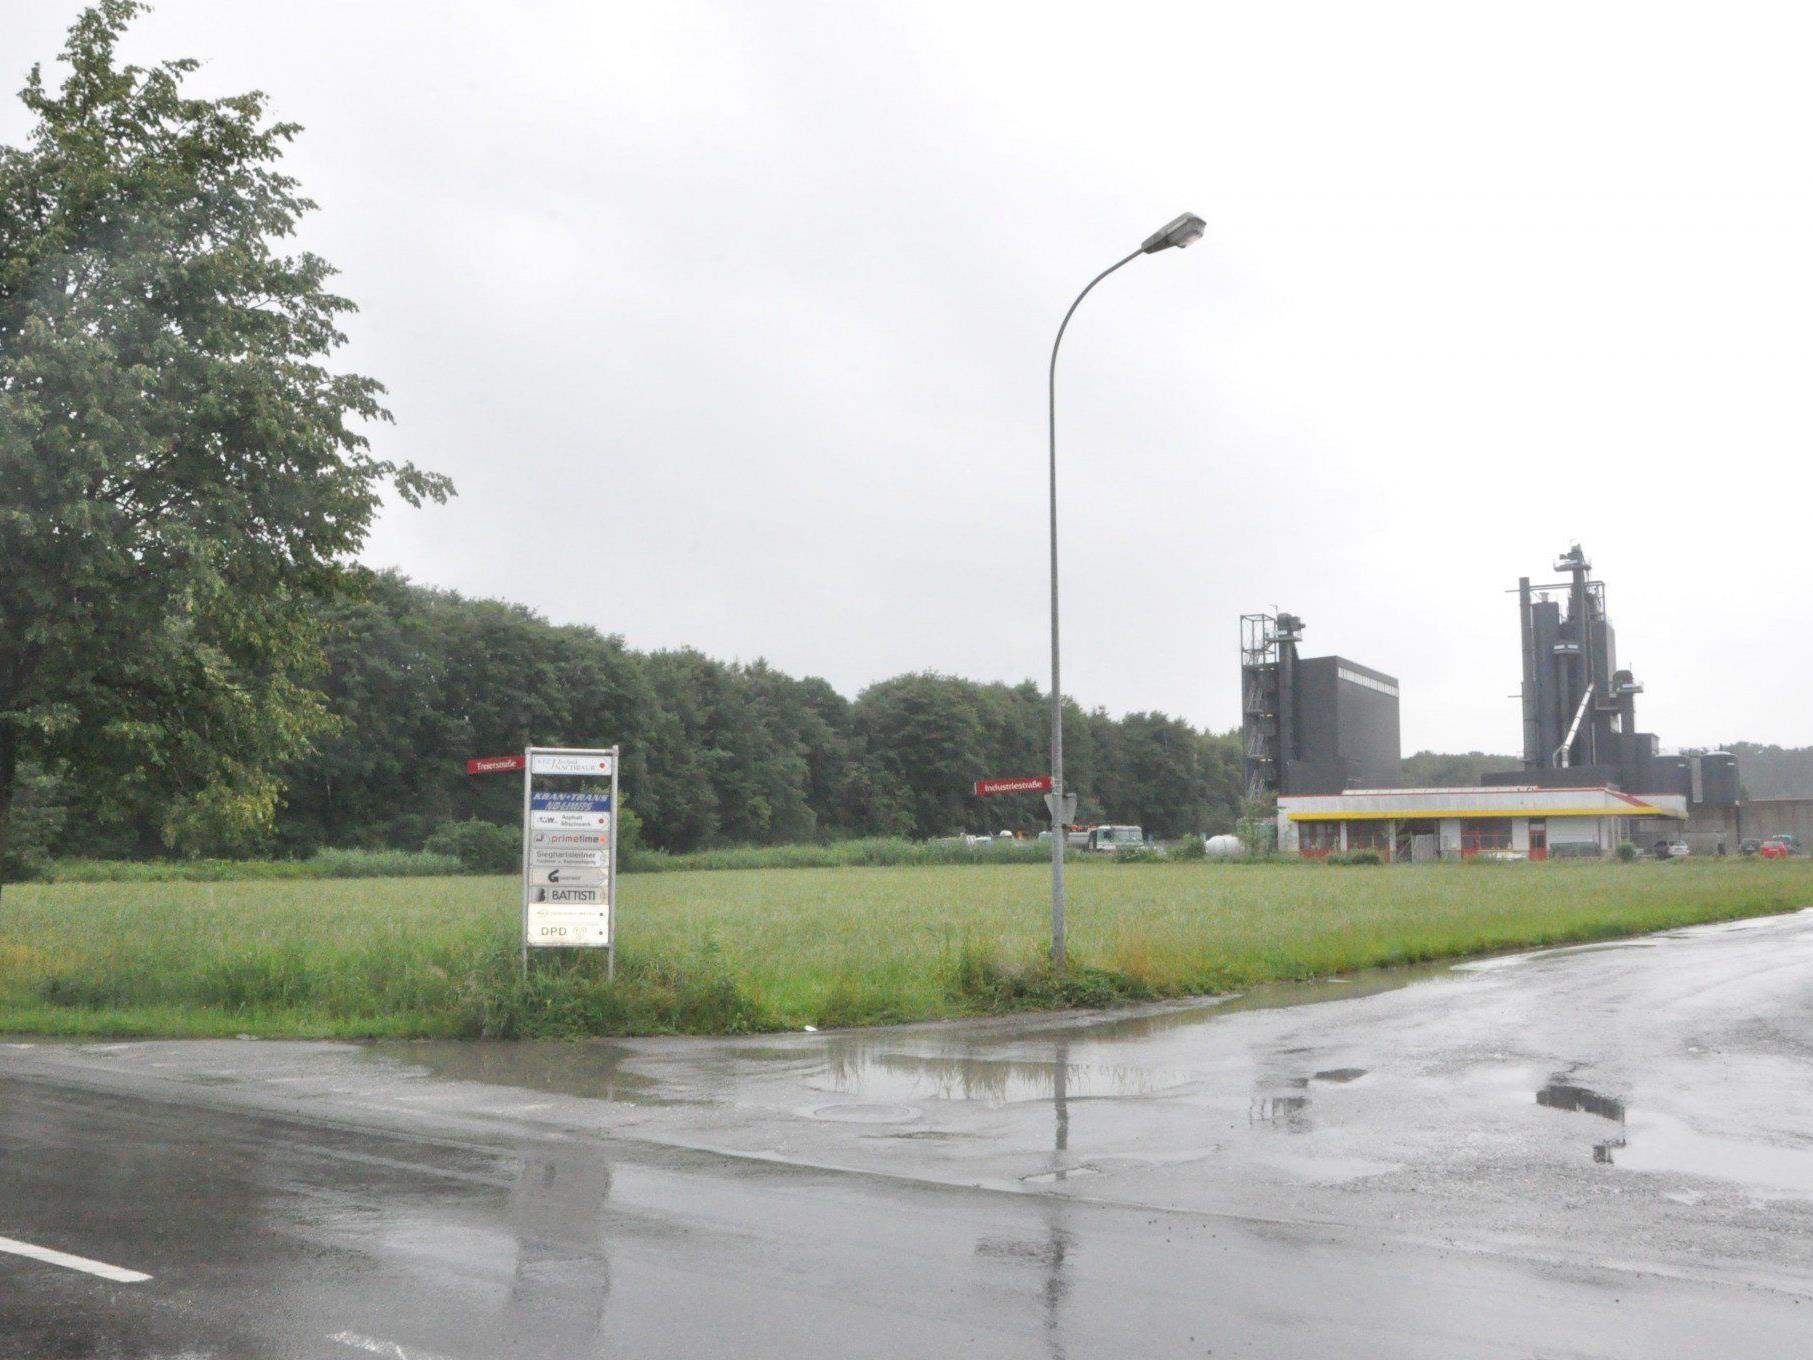 Im Sulner Industriegebiet wird das Abfallzentrum der Regio Vorderland errichtet.